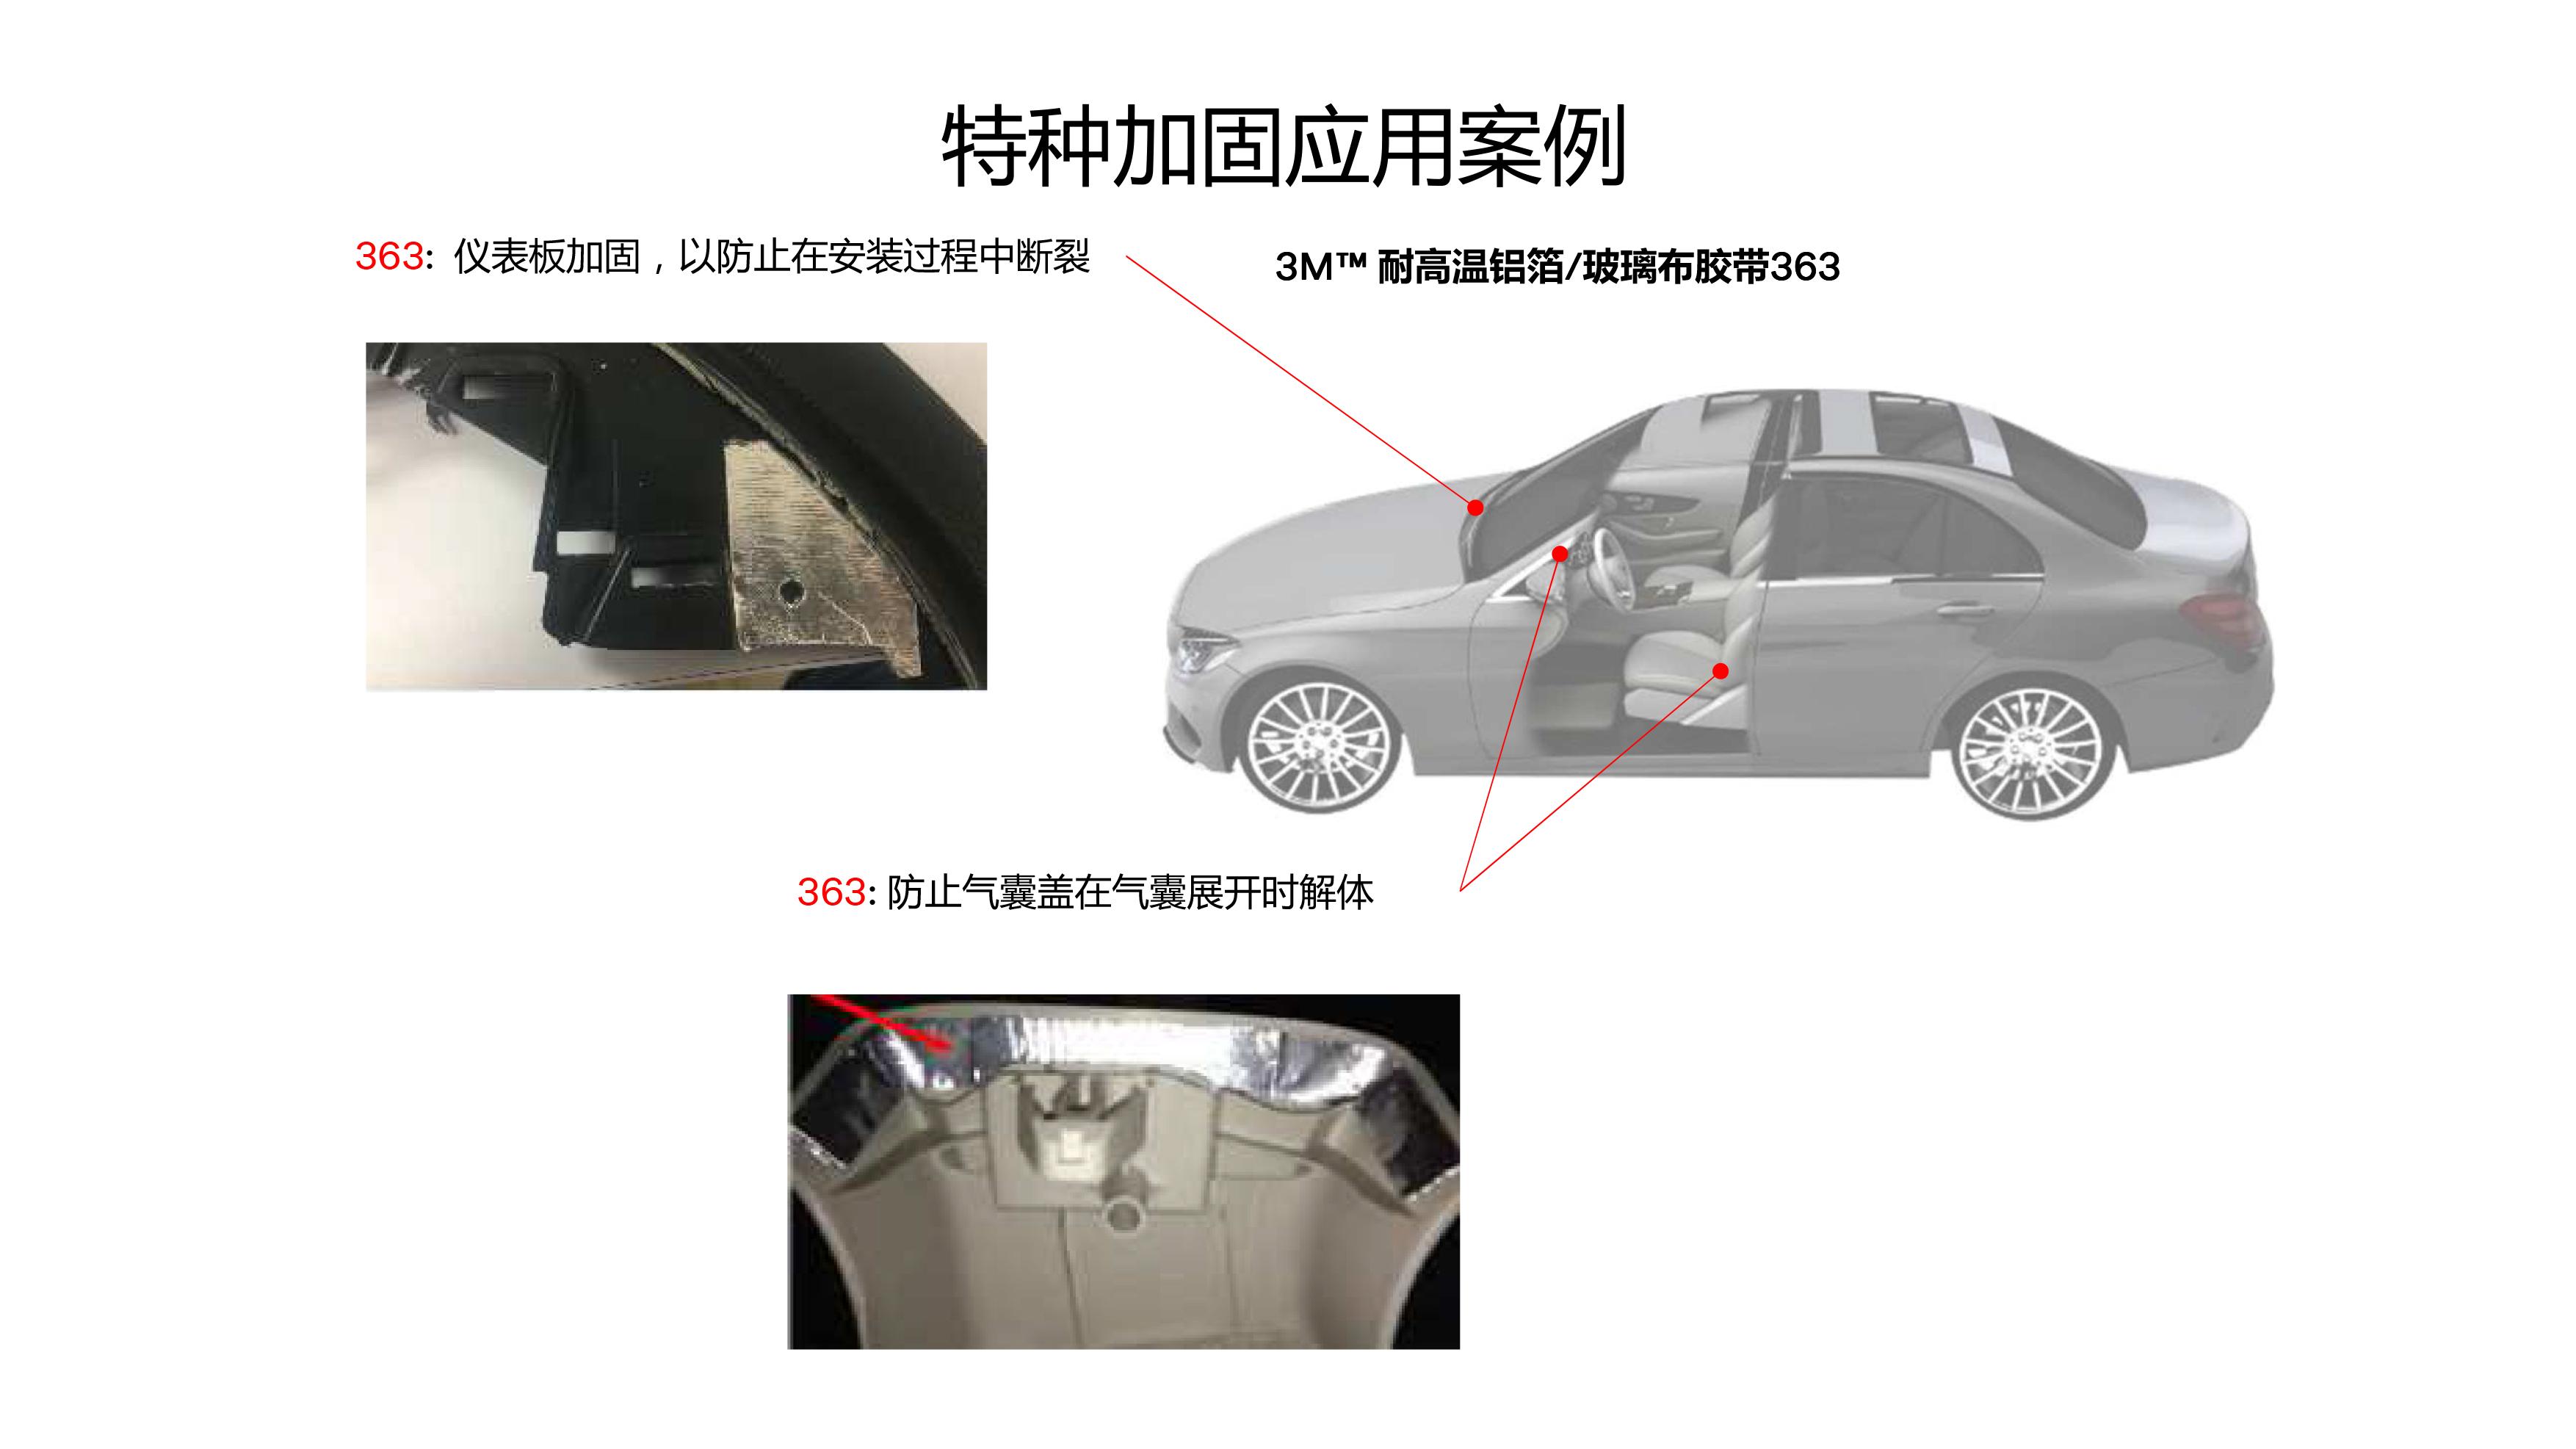 特种胶带汽车市场产品系列---中文版-44